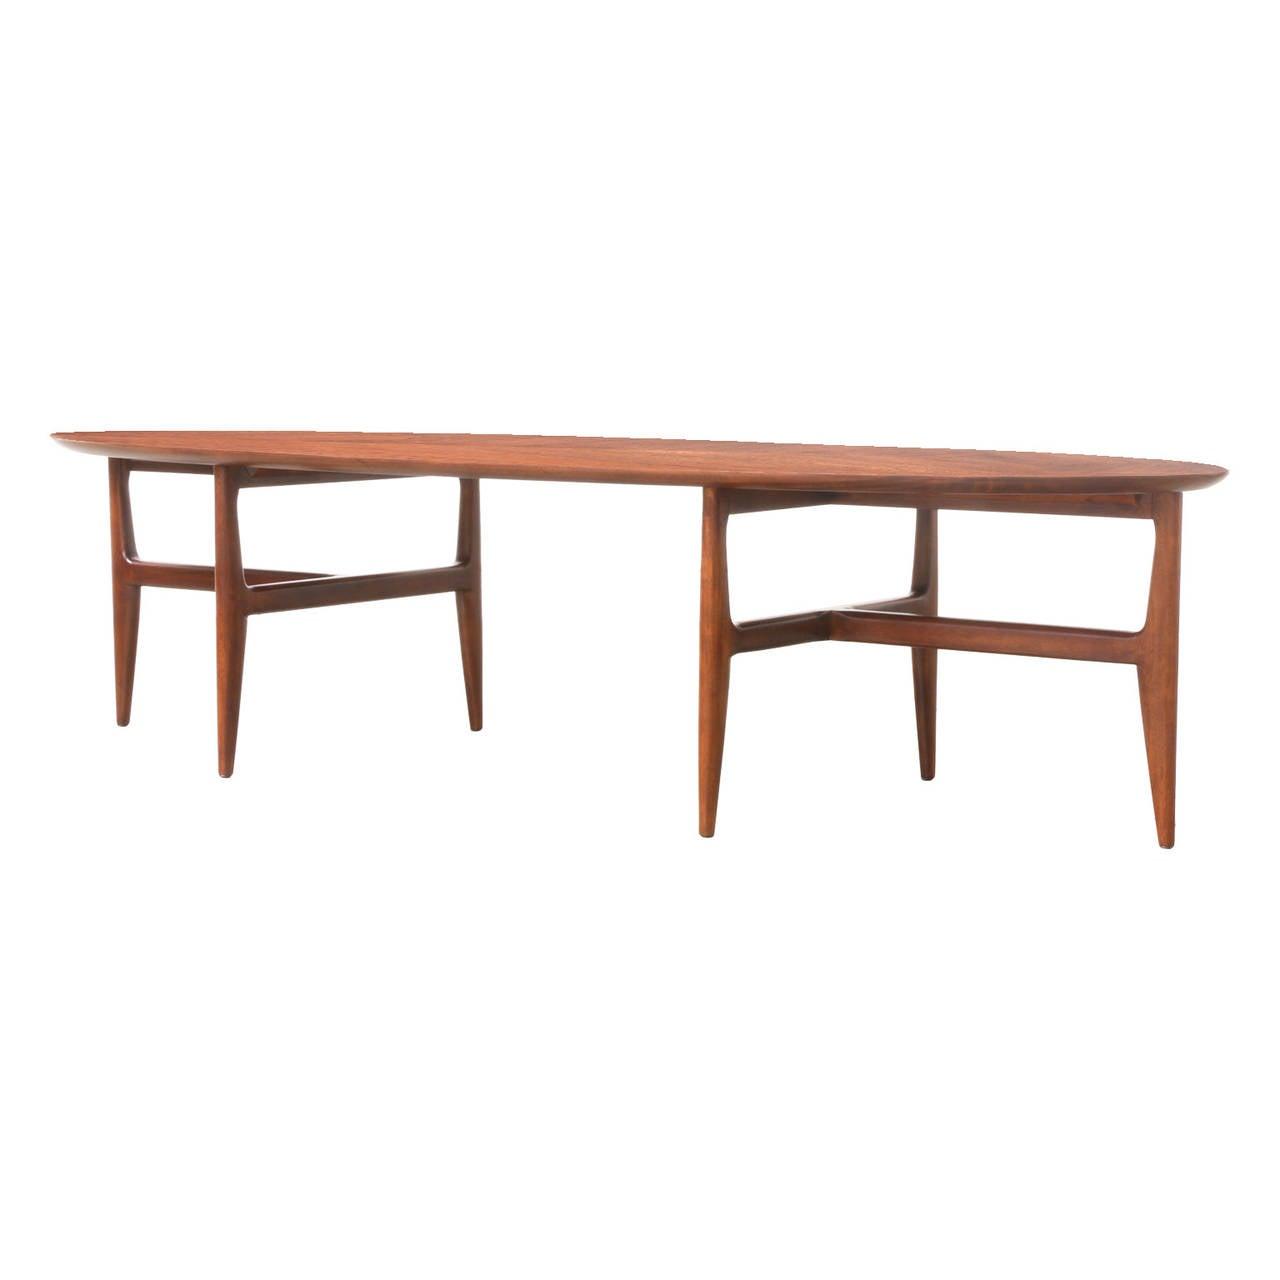 Mid Century Surfboard Coffee Table At 1stdibs: Mid-Century Modern Walnut Surfboard Coffee Table At 1stdibs